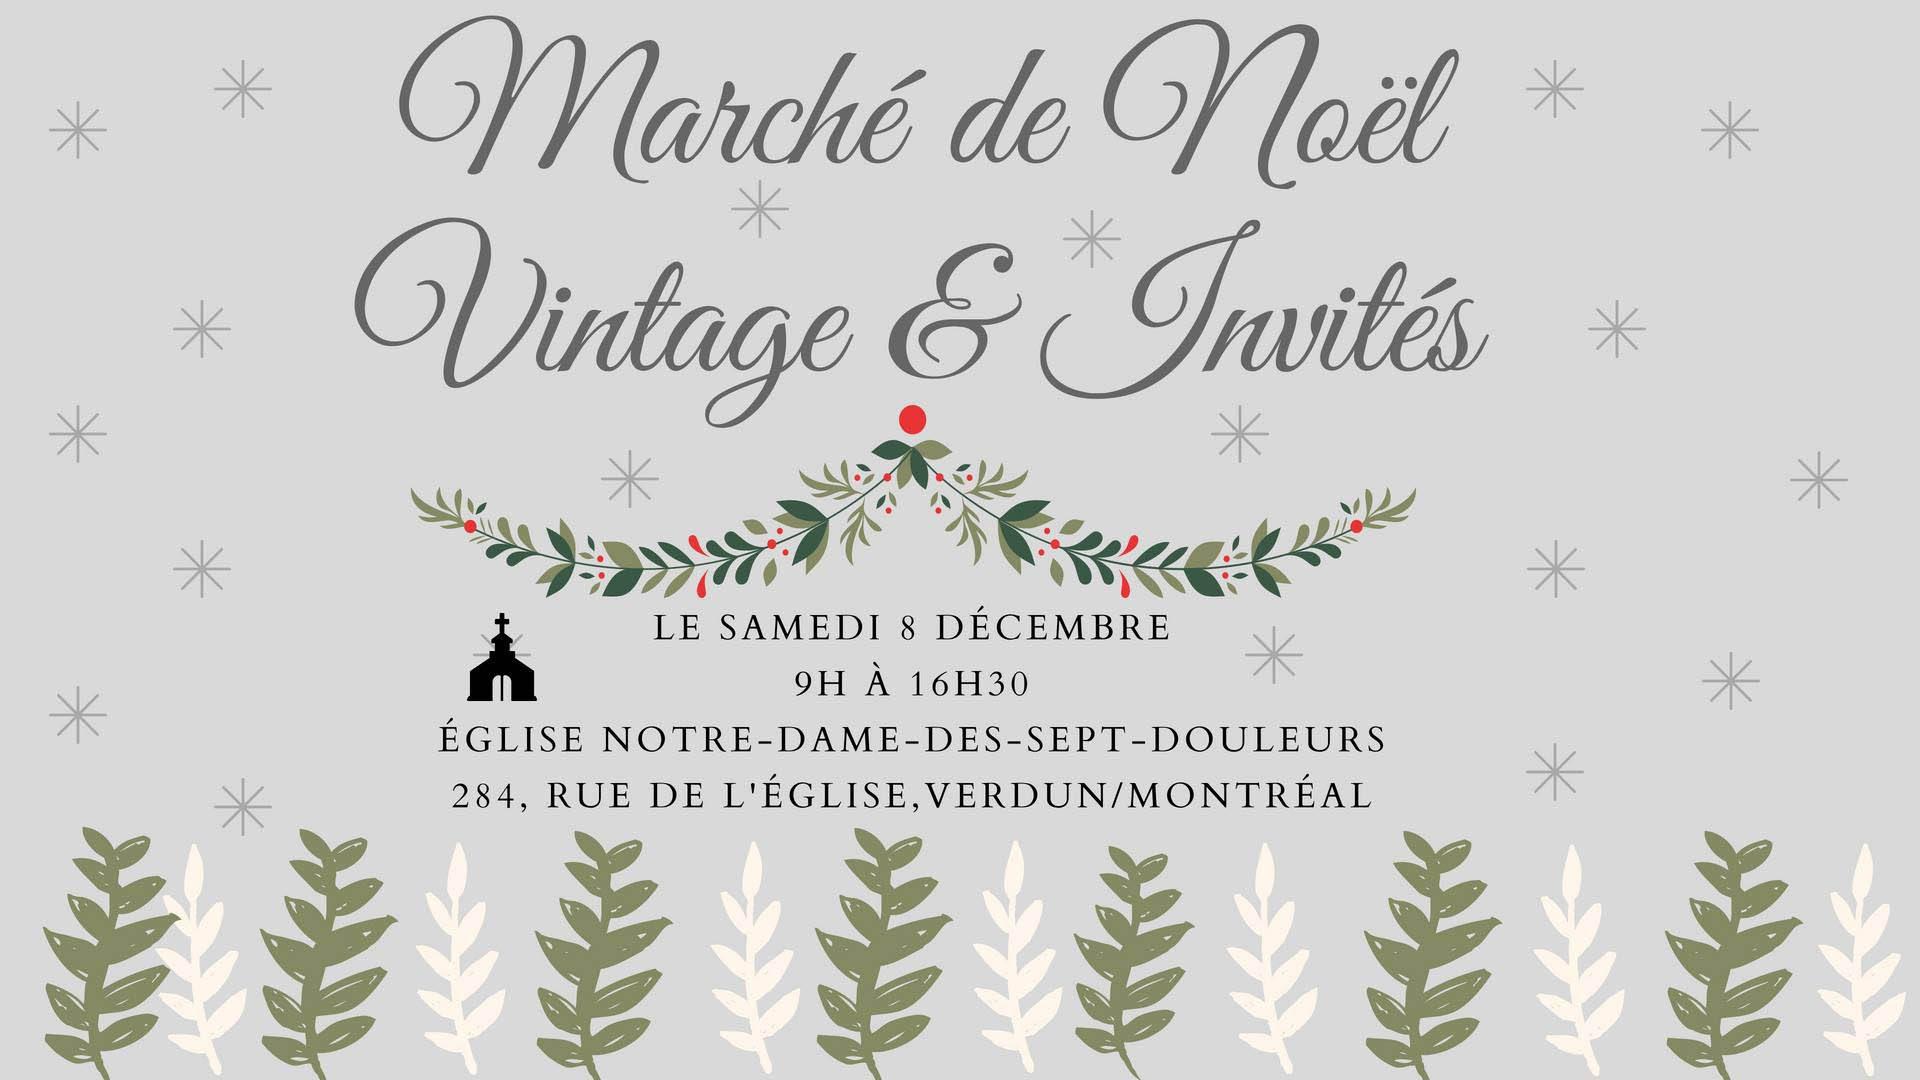 Marchés de Noël à visiter : marché vintage à Verdun.